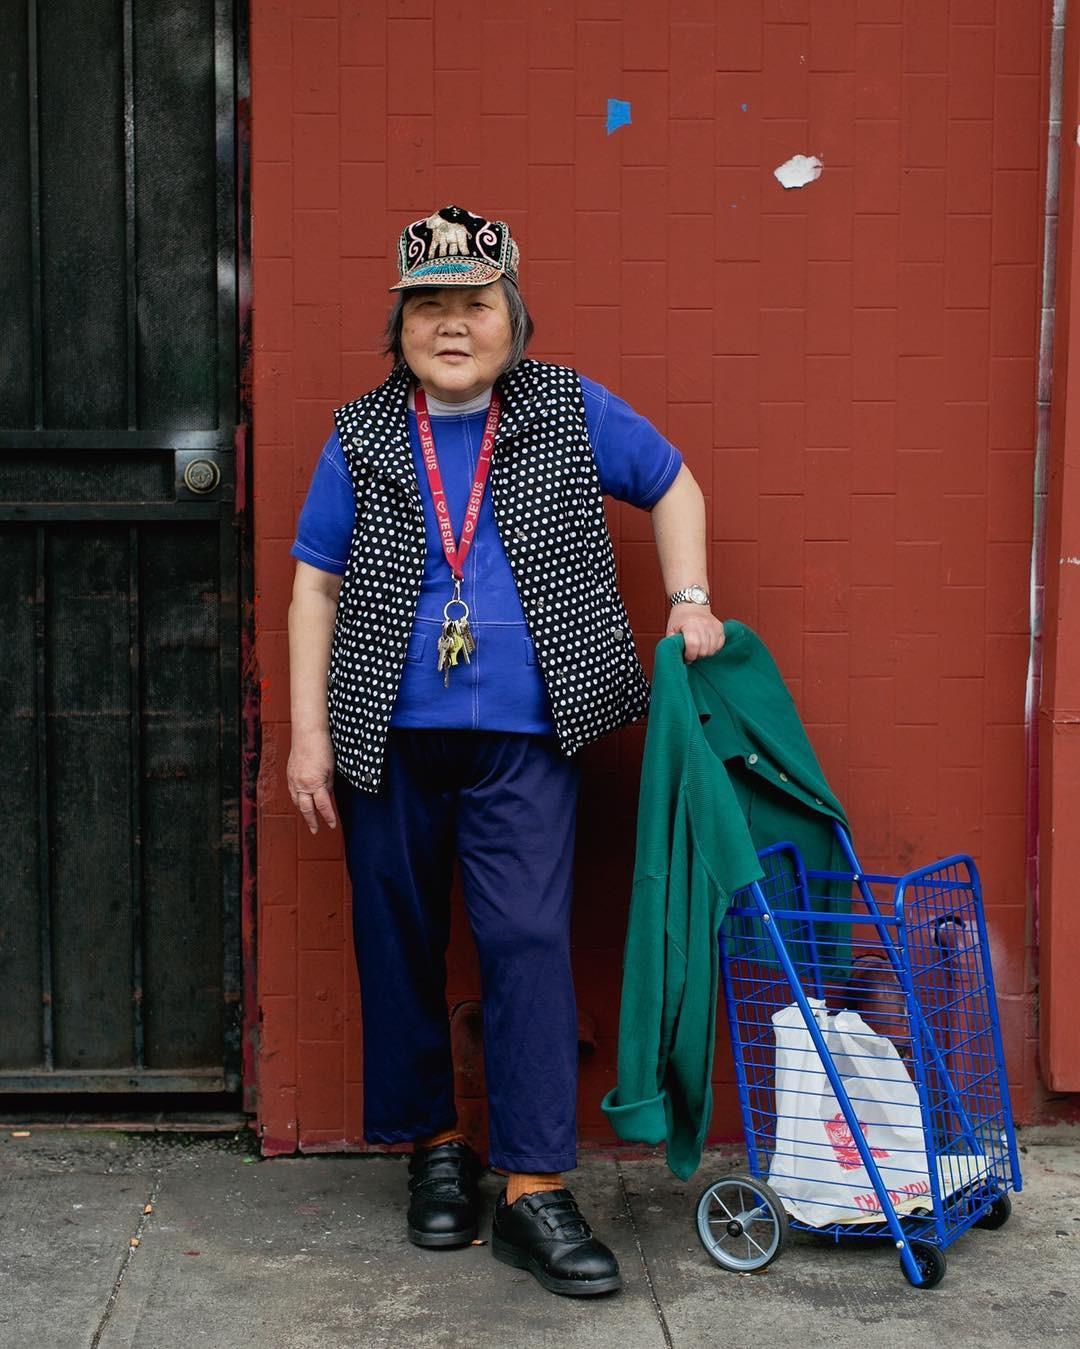 Không đăng hình giới trẻ, tài khoản Instagram này lại tôn vinh street style đi chợ của các cụ già và được hưởng ứng vô cùng - Ảnh 15.